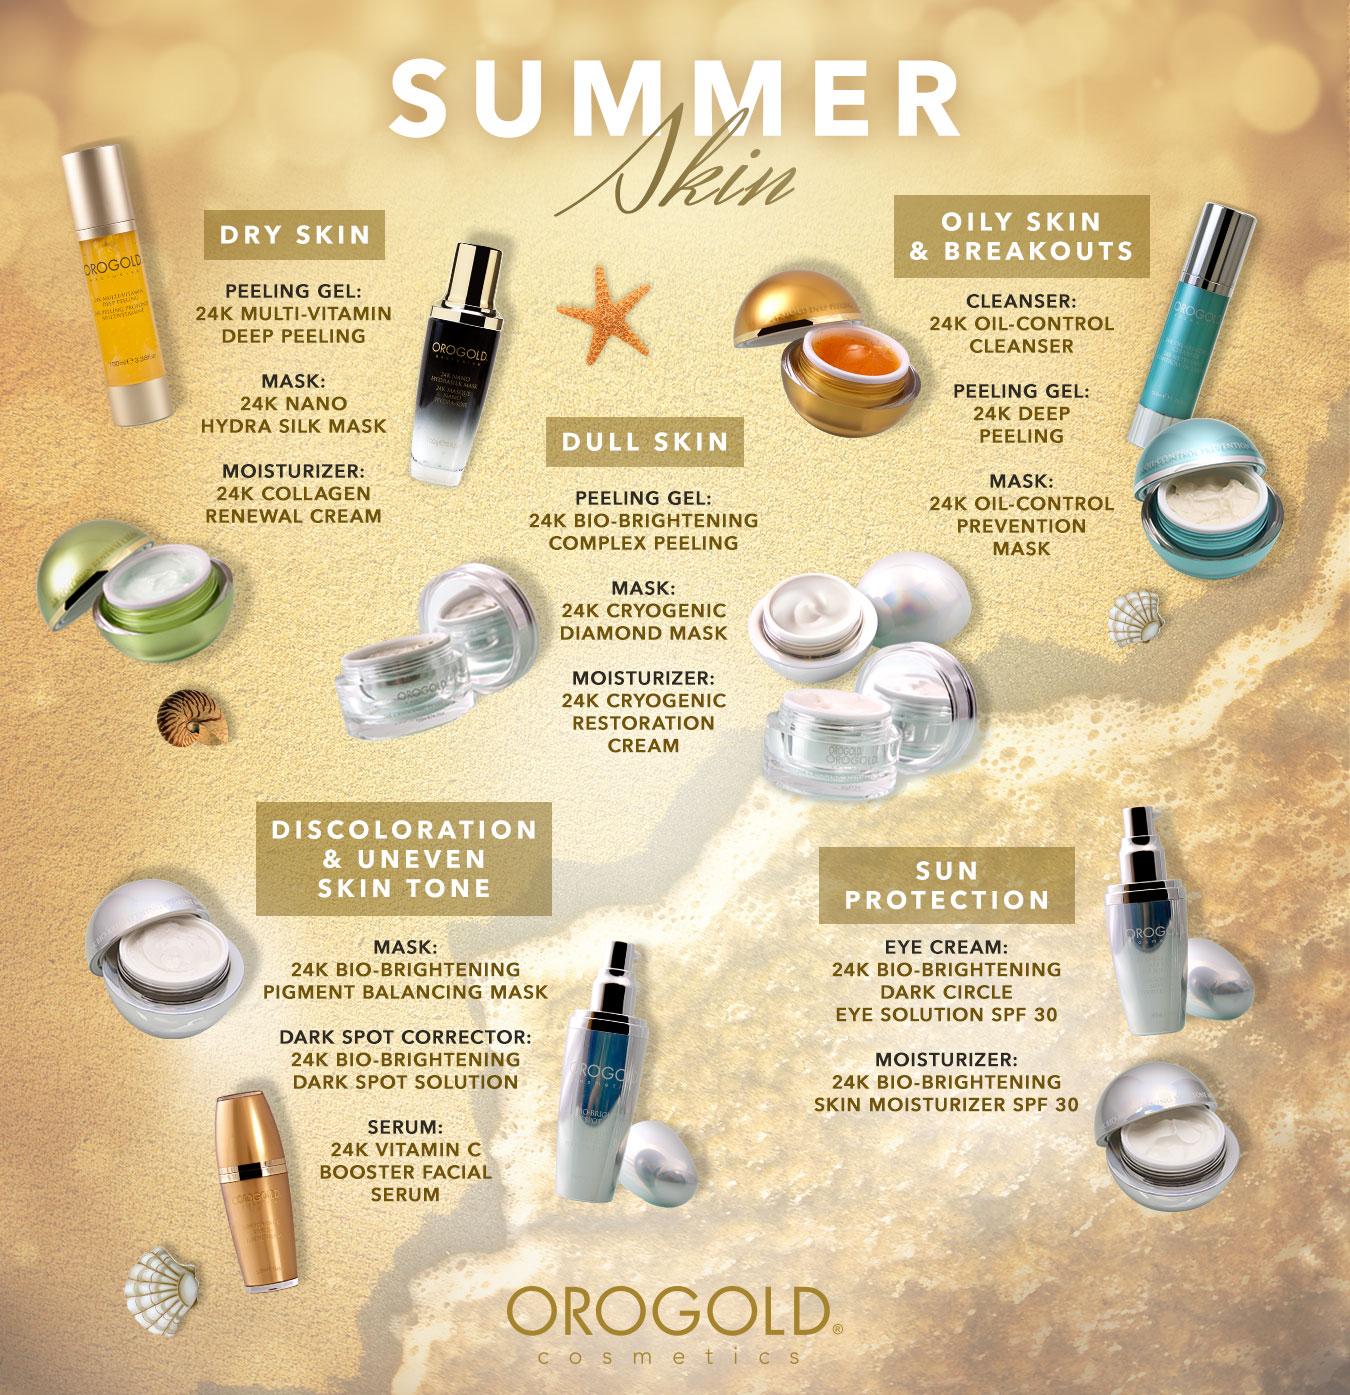 OG Summer Skin Infographic